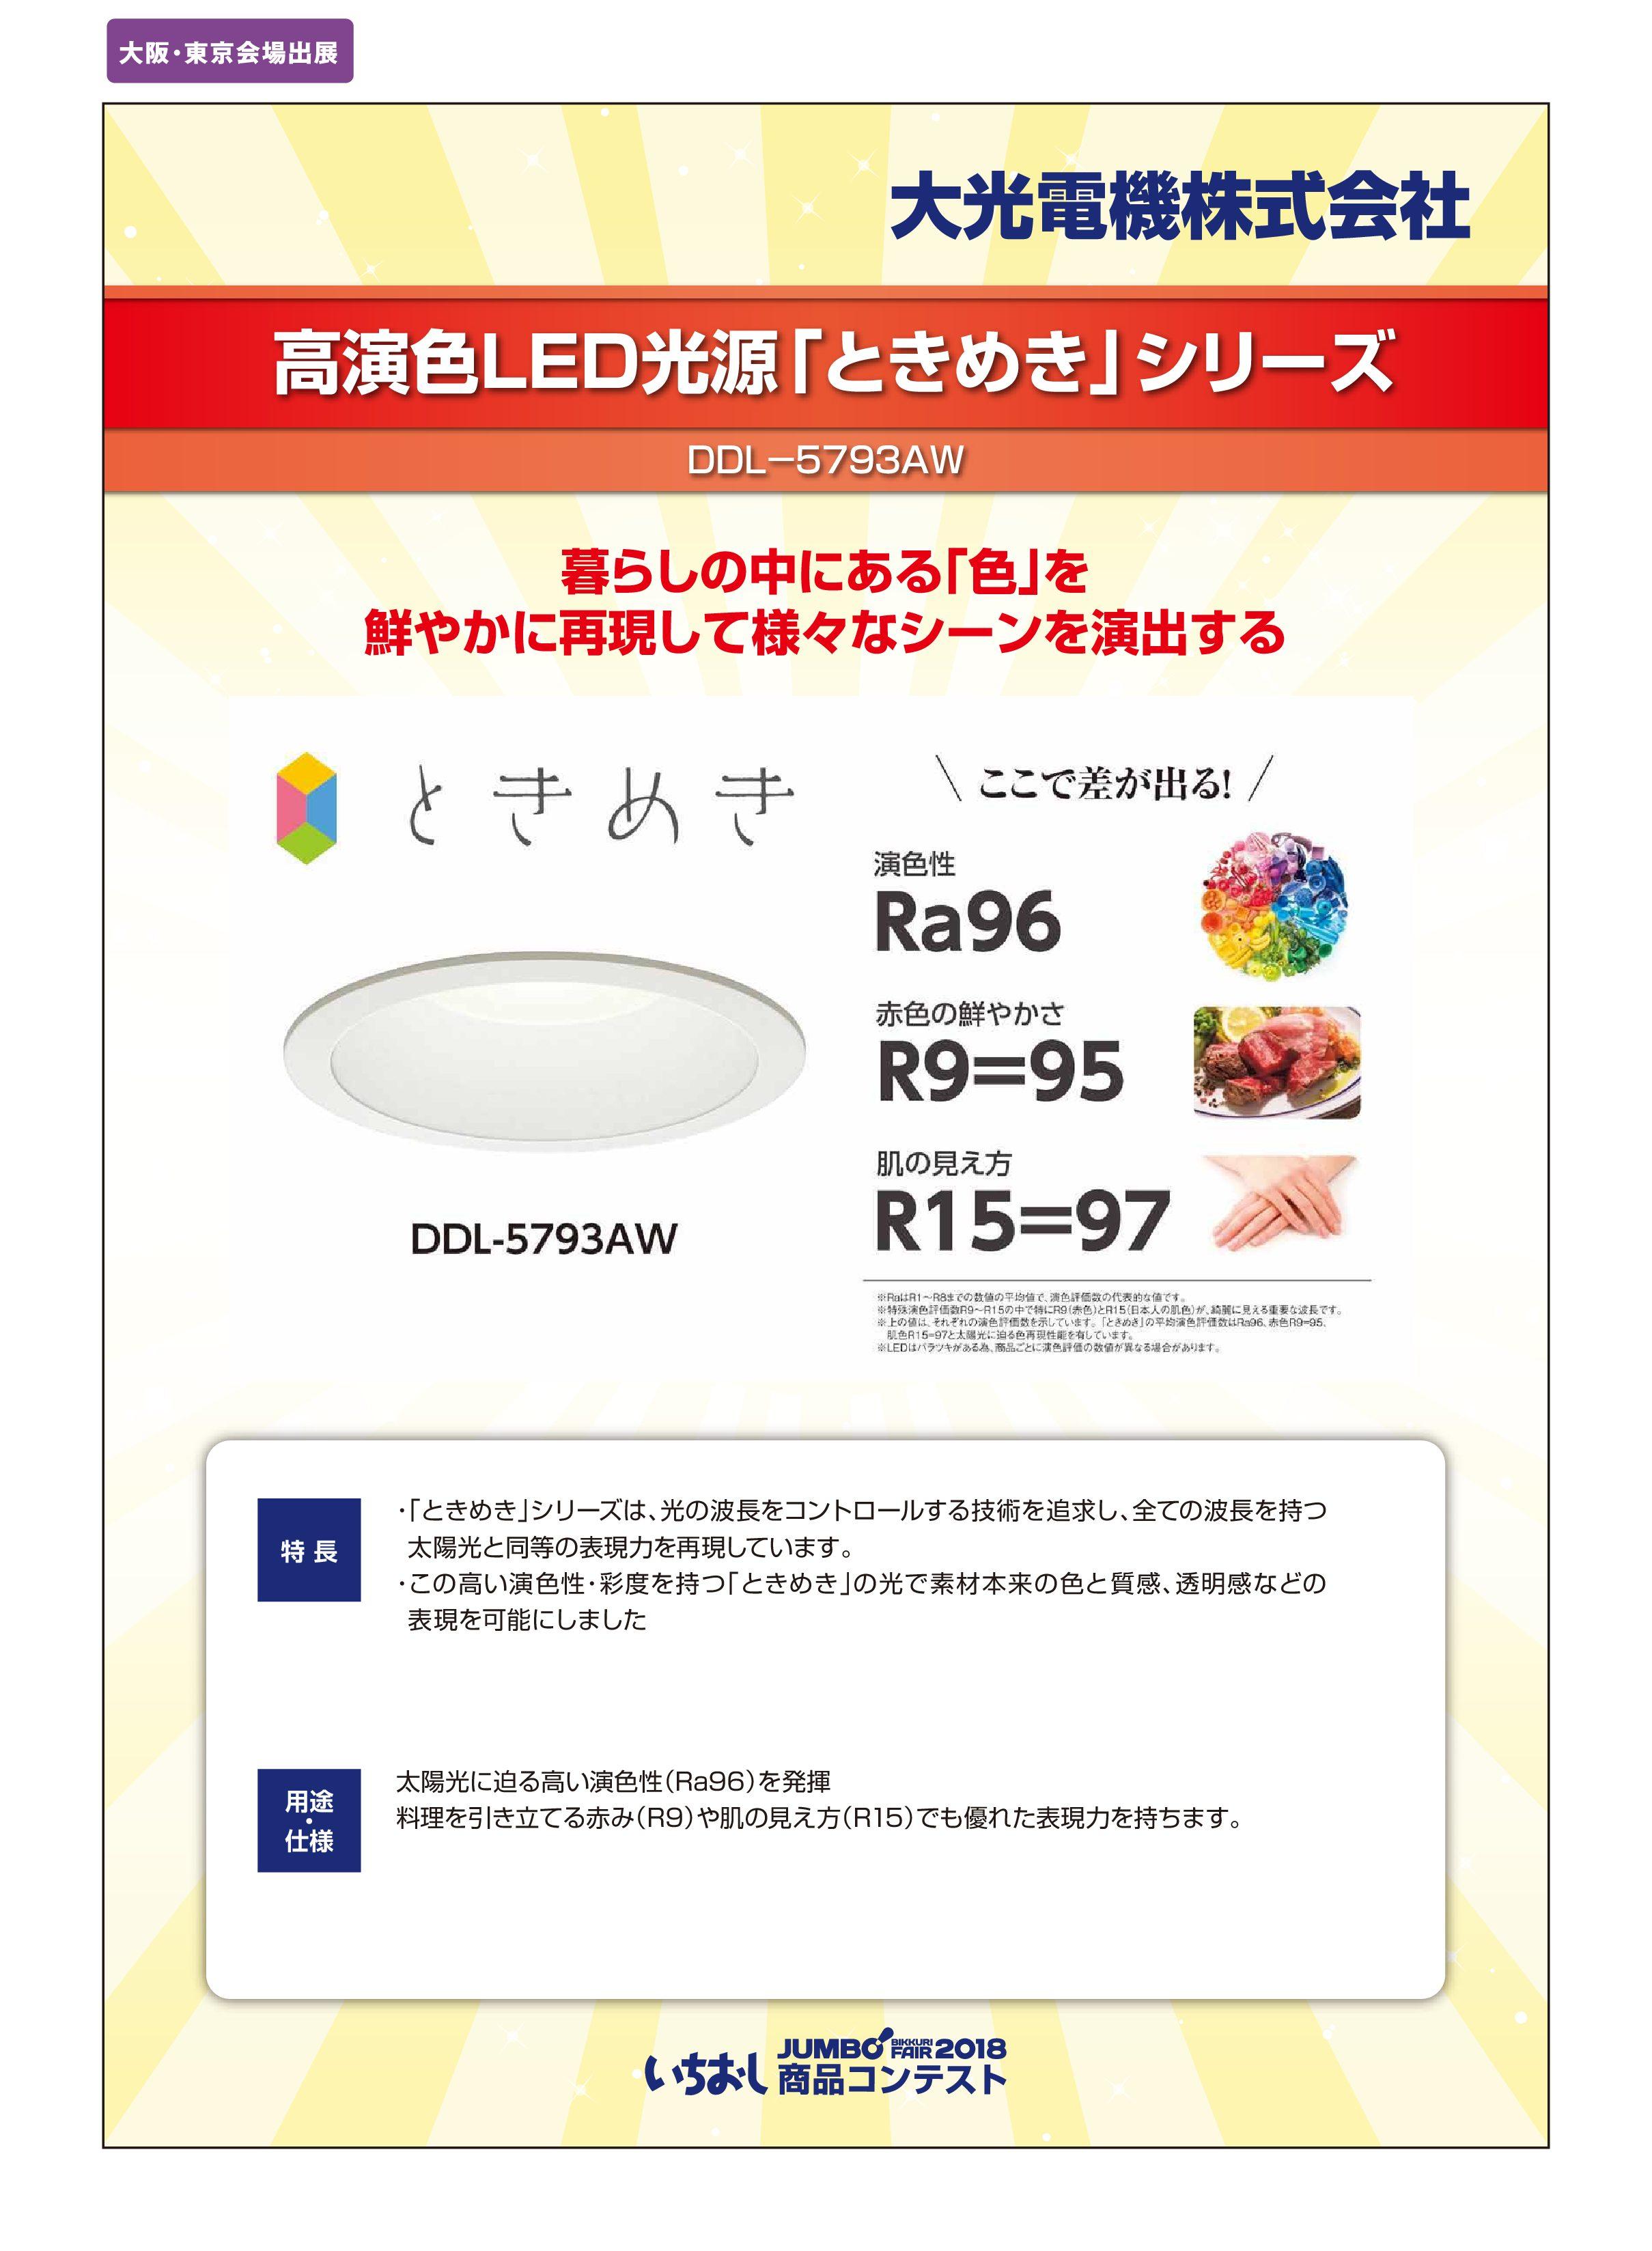 「高演色LED光源『ときめき』シリーズ」大光電機株式会社の画像